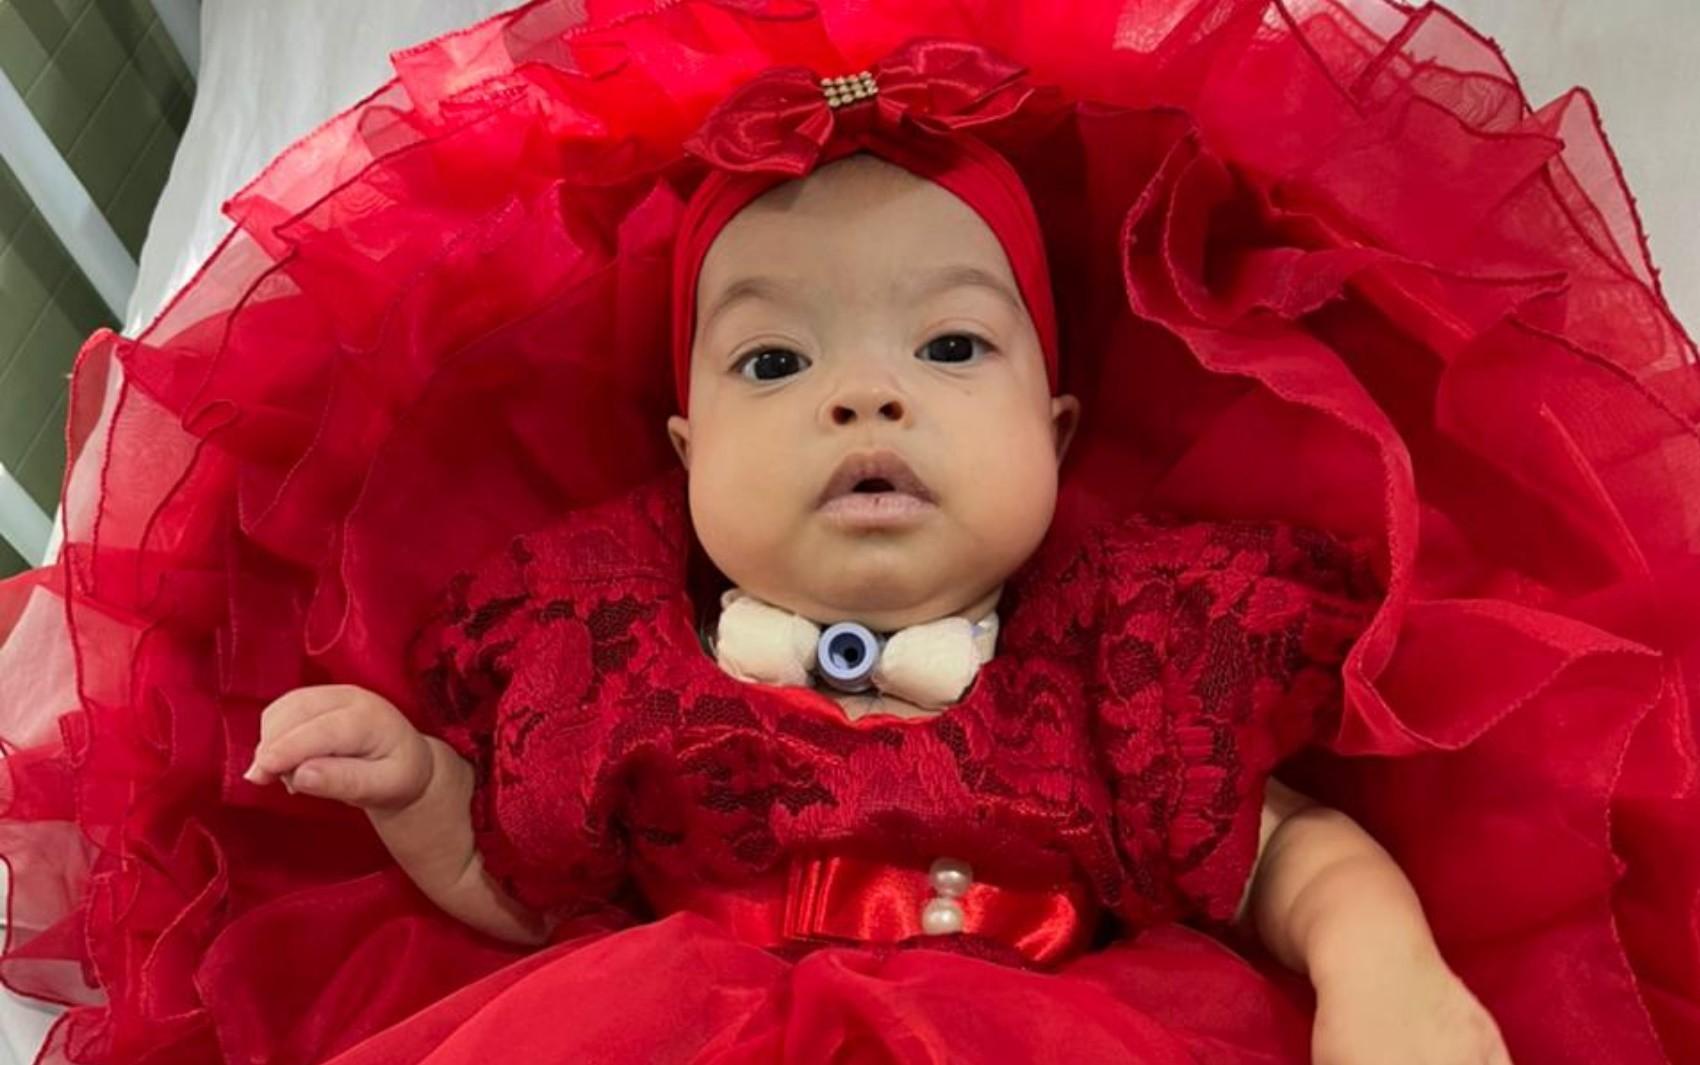 Bebê que depende de aparelho para respirar fica em estado grave após queda de energia de 15h, diz família